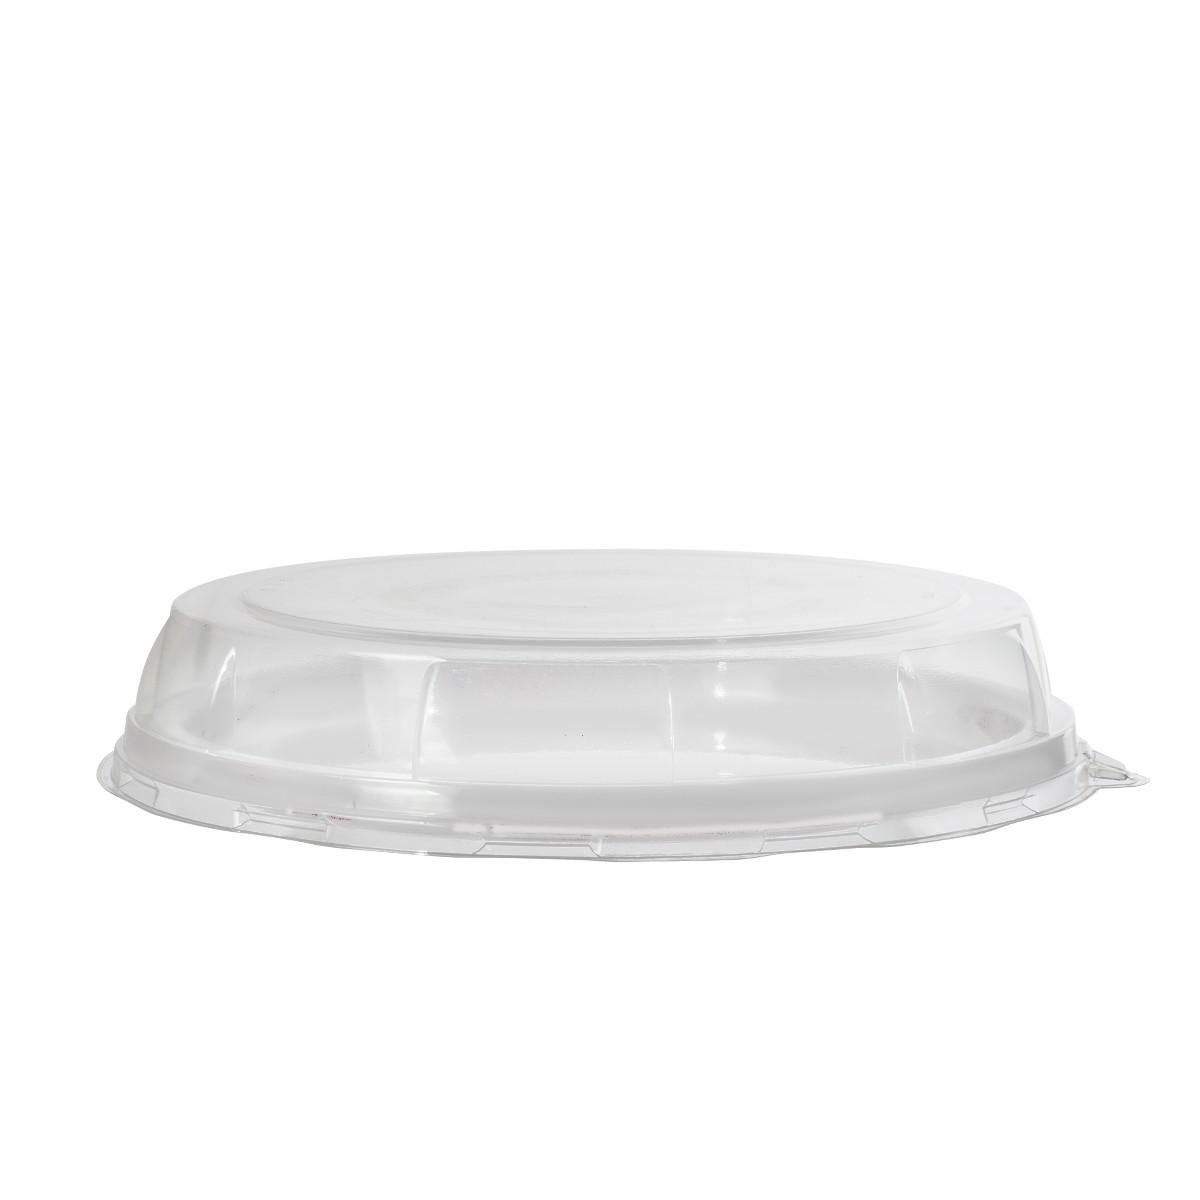 Couvercle pour assiette PLAZA 3 compartiments